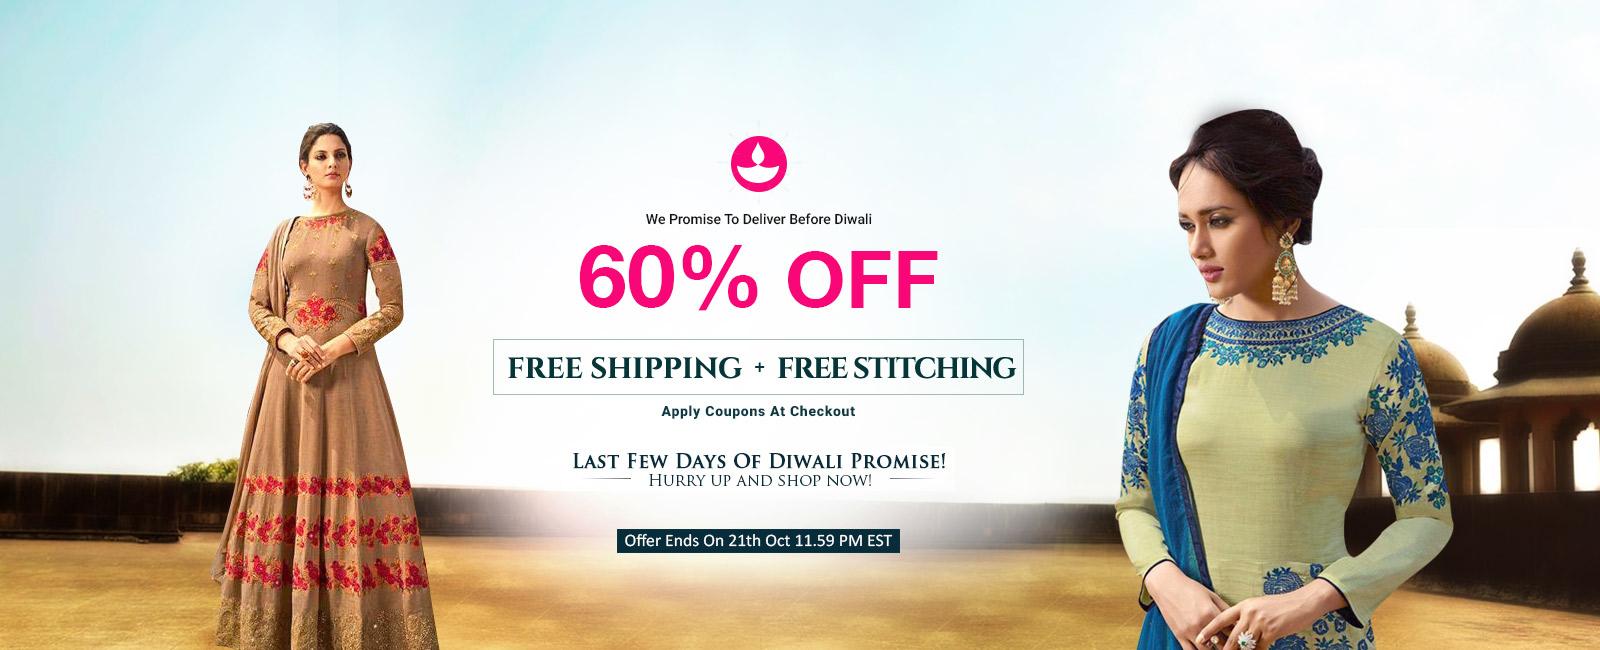 60% Off +  Free Stitching + Free Shipping